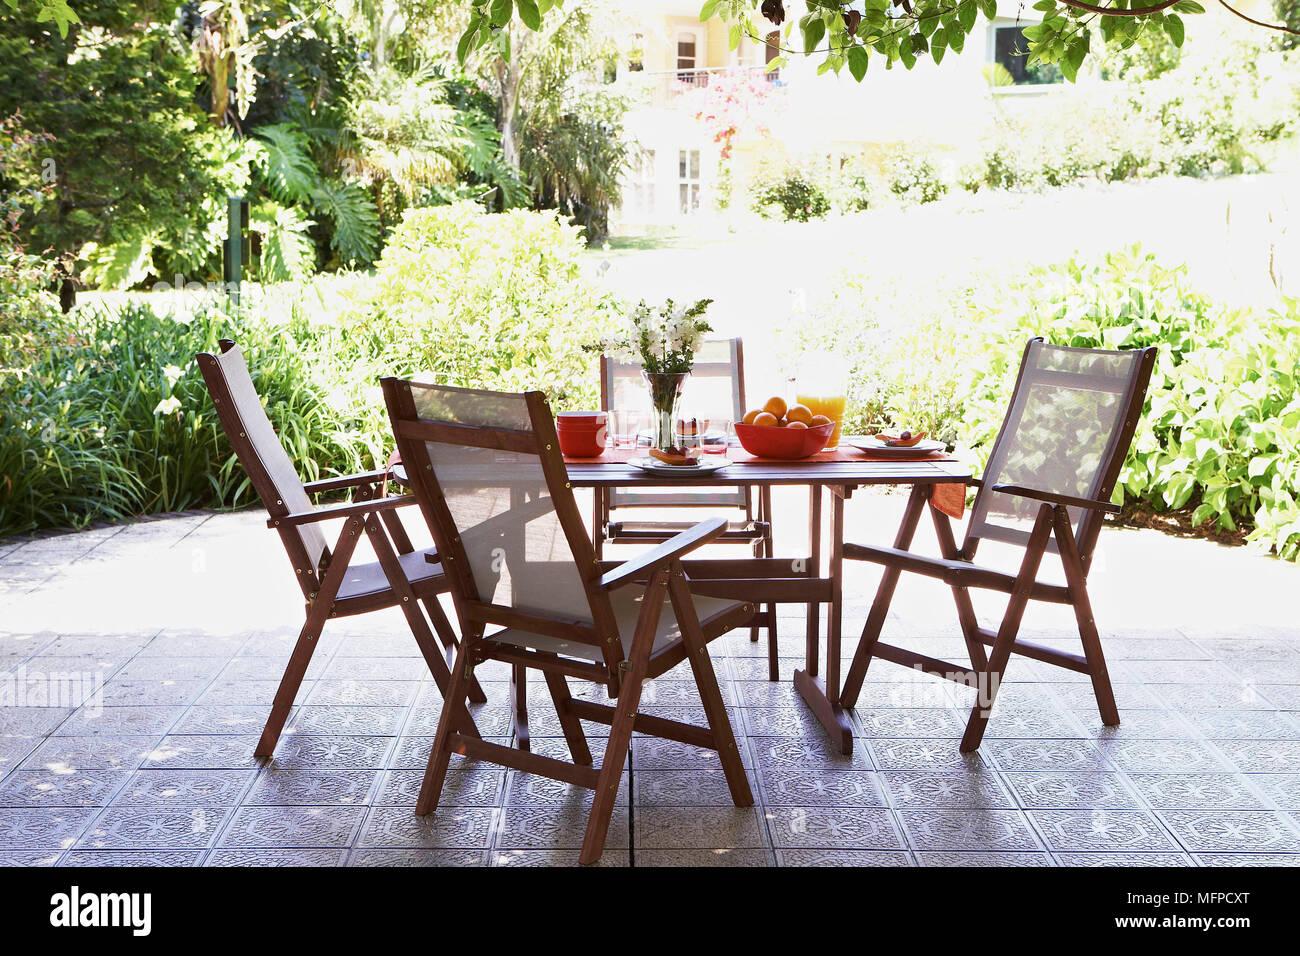 Tisch Und Stuhl Sohn Geflieste Terrasse Mit Blick Auf Garten